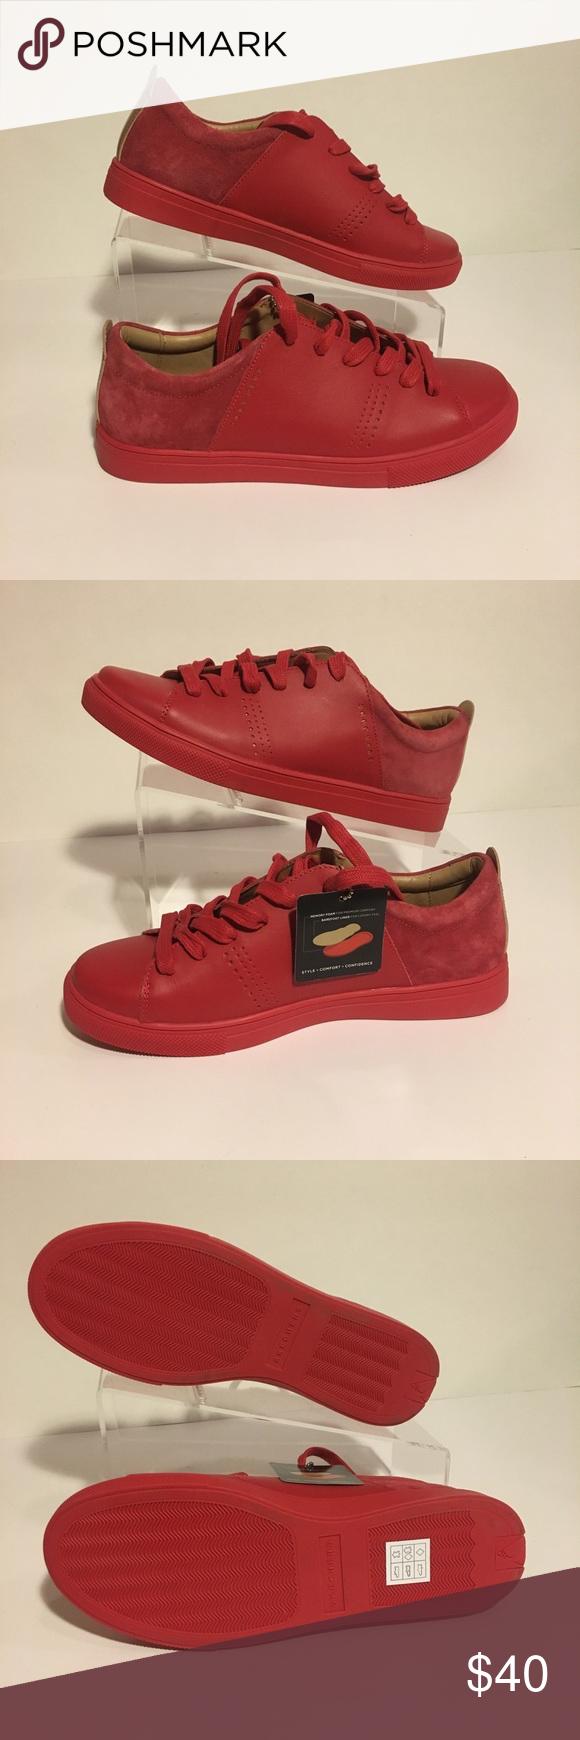 Skechers Street Red Low Sneakers 73481